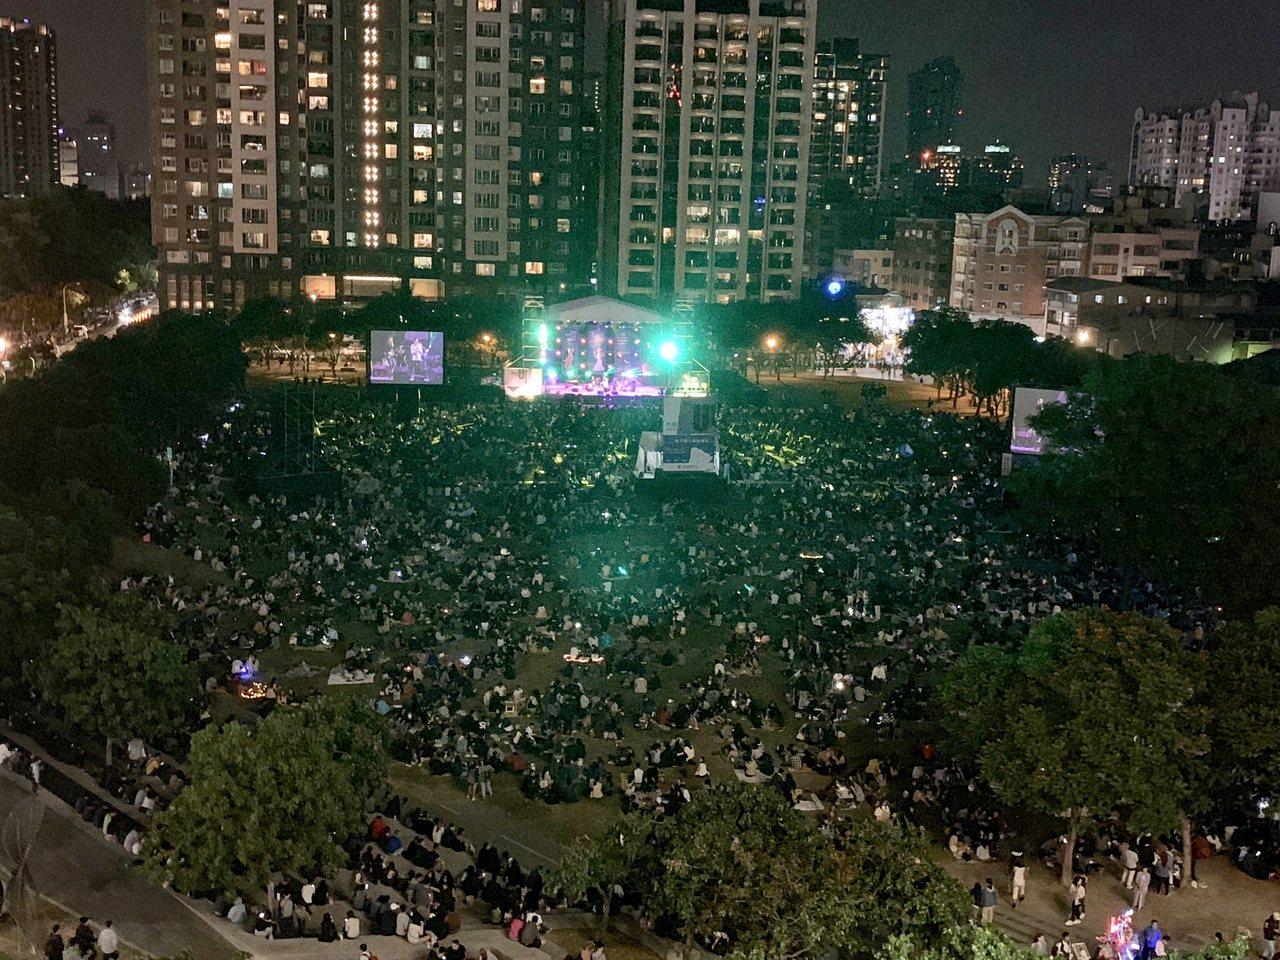 台中爵士音樂節今年邁入第16年,今年開幕當晚吸引16萬人次,為期9天的音樂節,已...